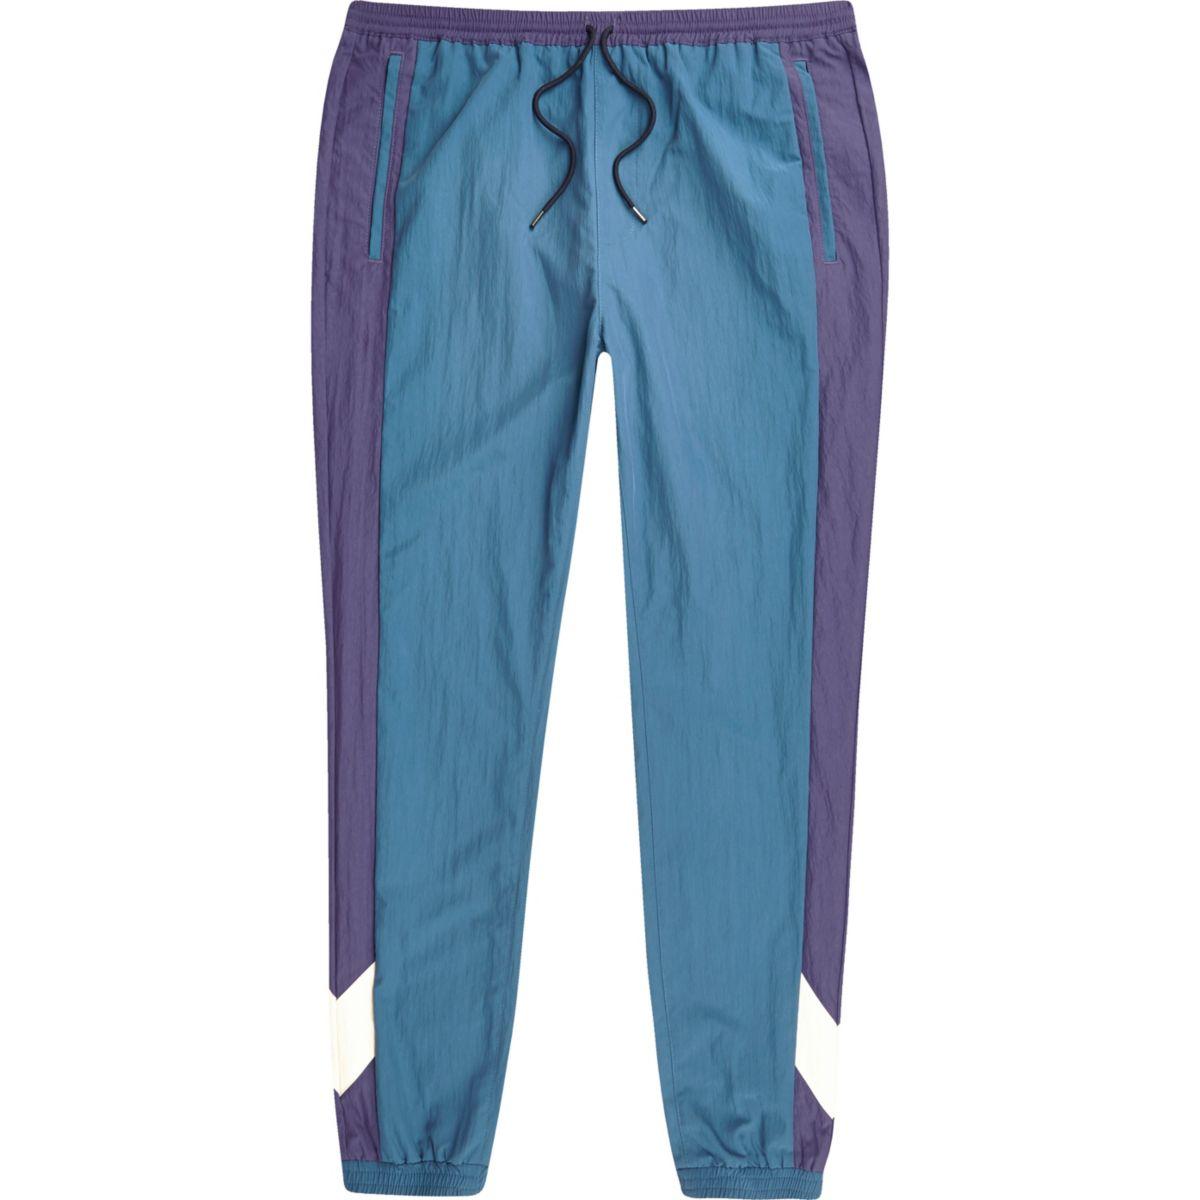 Blauwe joggingbroek met kleurvlakken